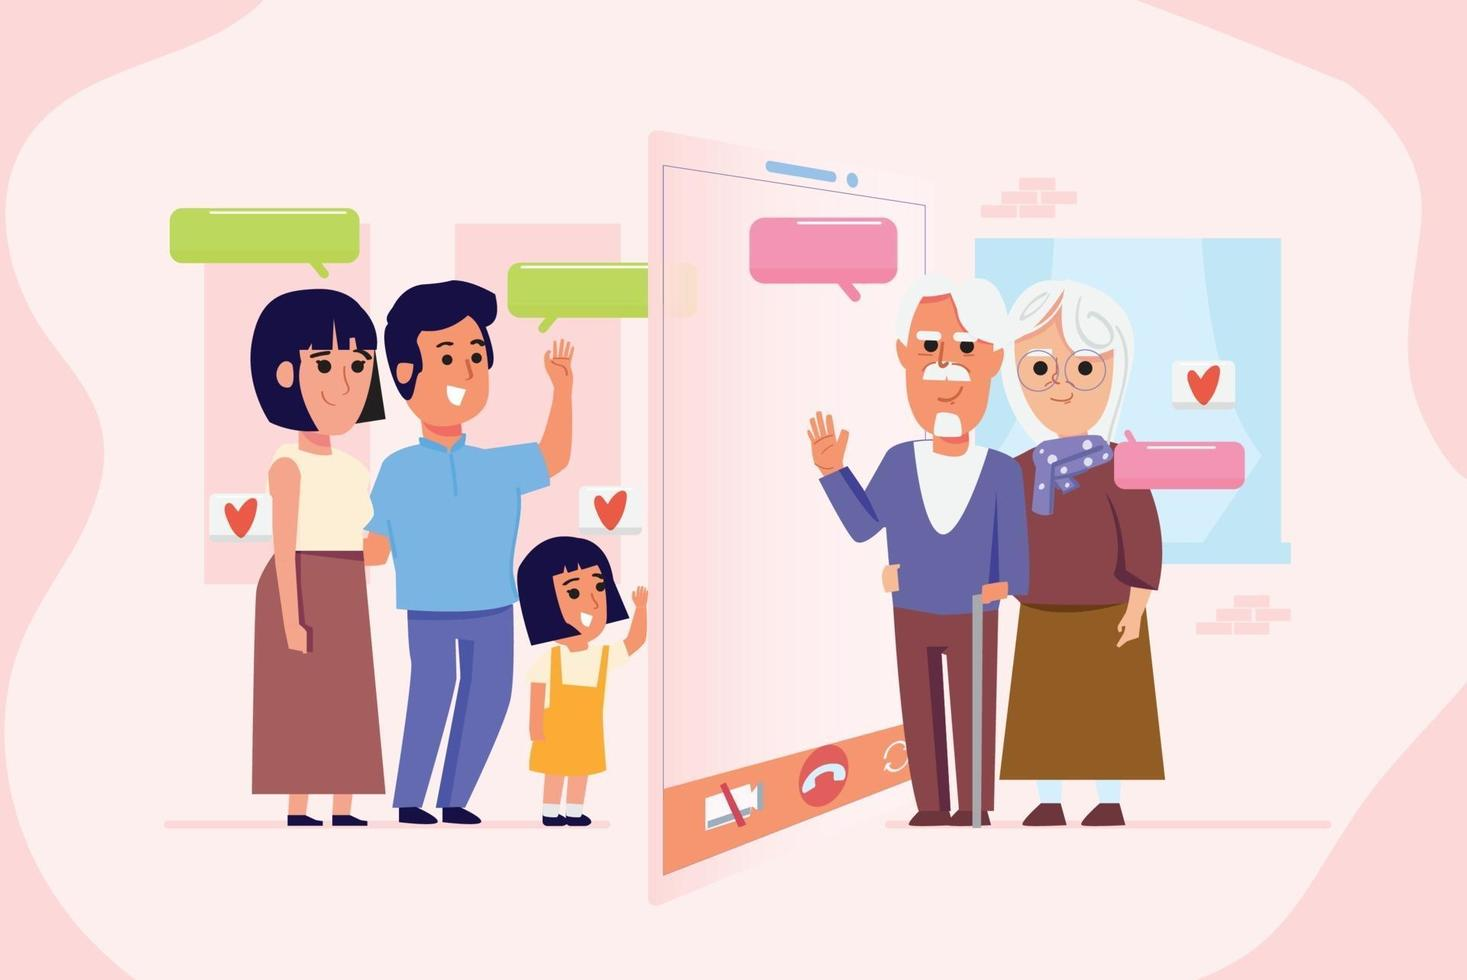 Familie, die zusammen einen Videoanruf macht - Vektor